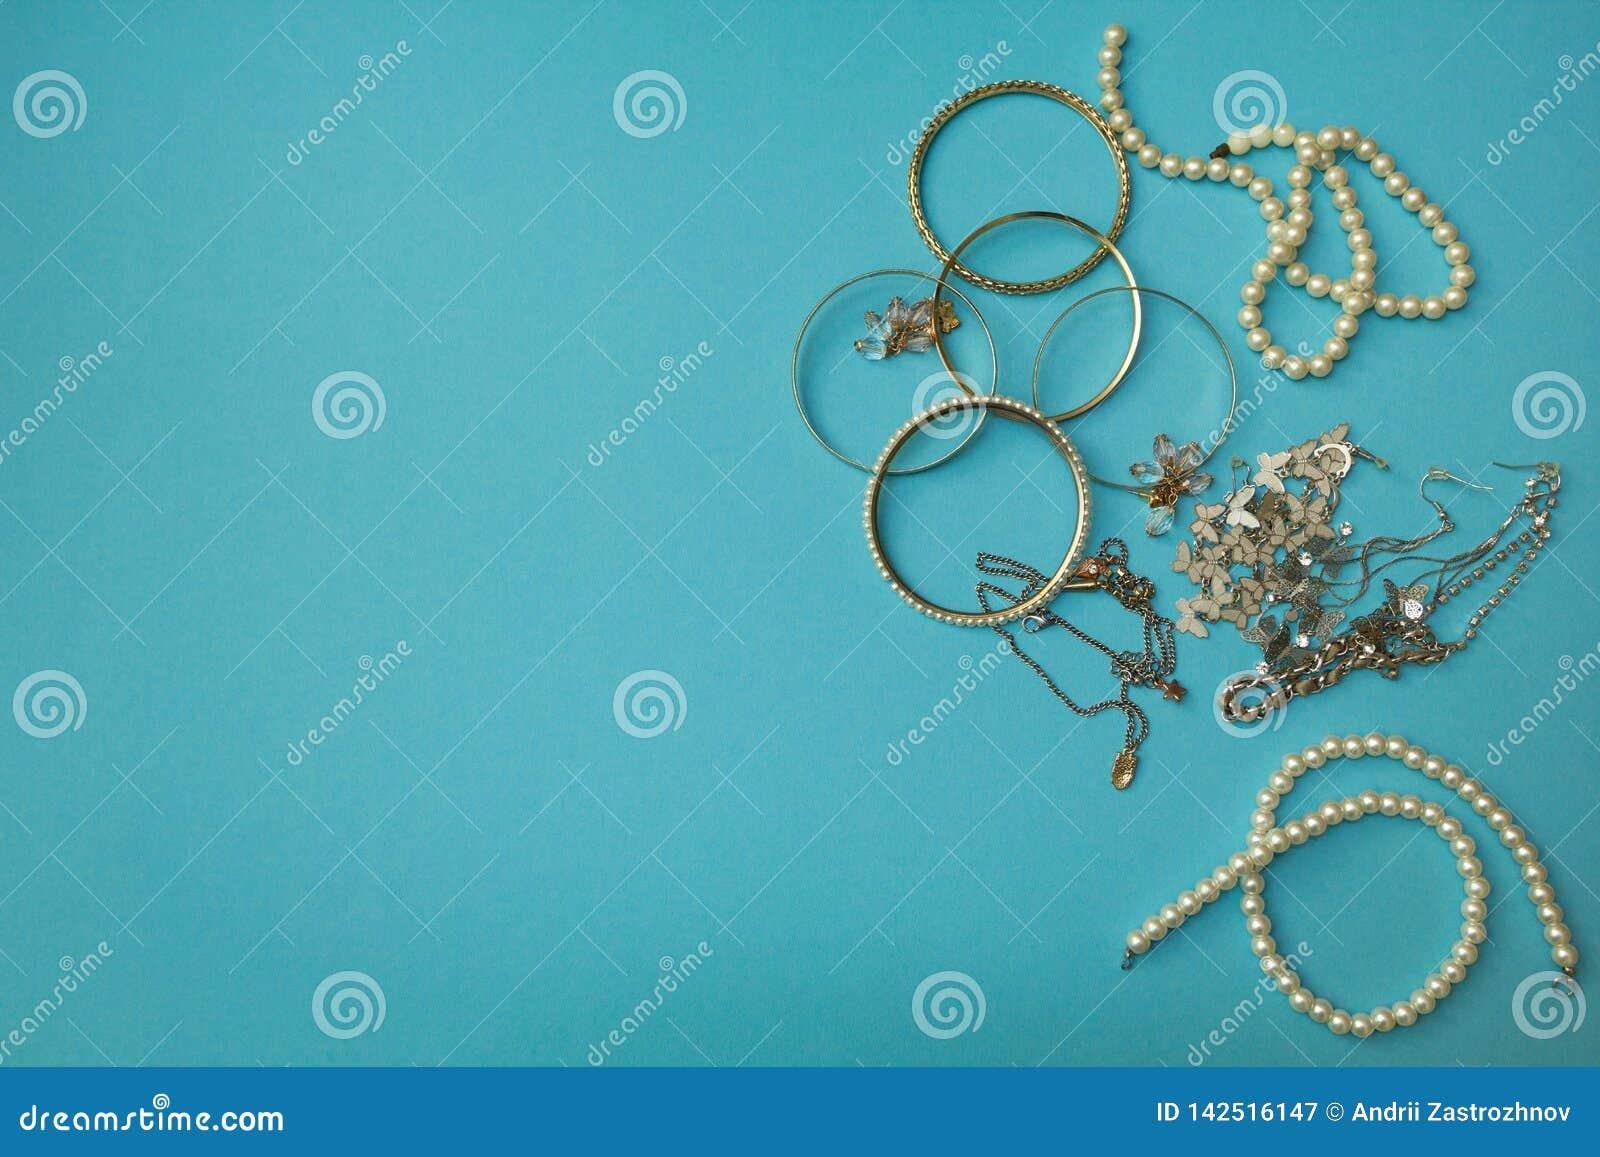 Der Schmuck und das andere Material der Frauen auf einem blauen Hintergrund